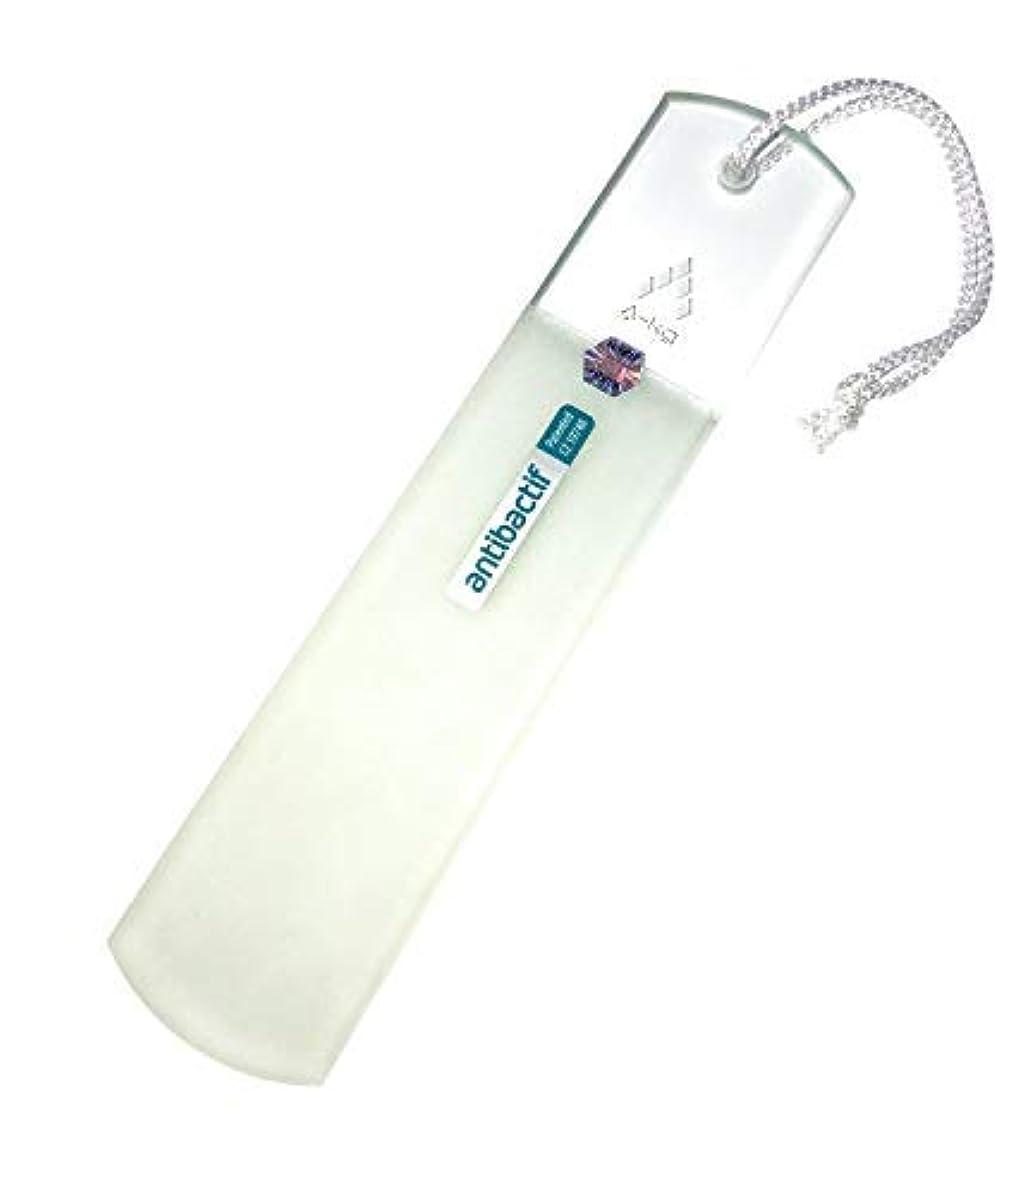 追跡メディック広いA-KG BLAZEK かかと用やすり ガラス製 抗菌 クリア 抗菌光触媒コーティング Antibactif かかと削り かかとやすり かかと 角質取り 乾かす時に便利なヒモ付